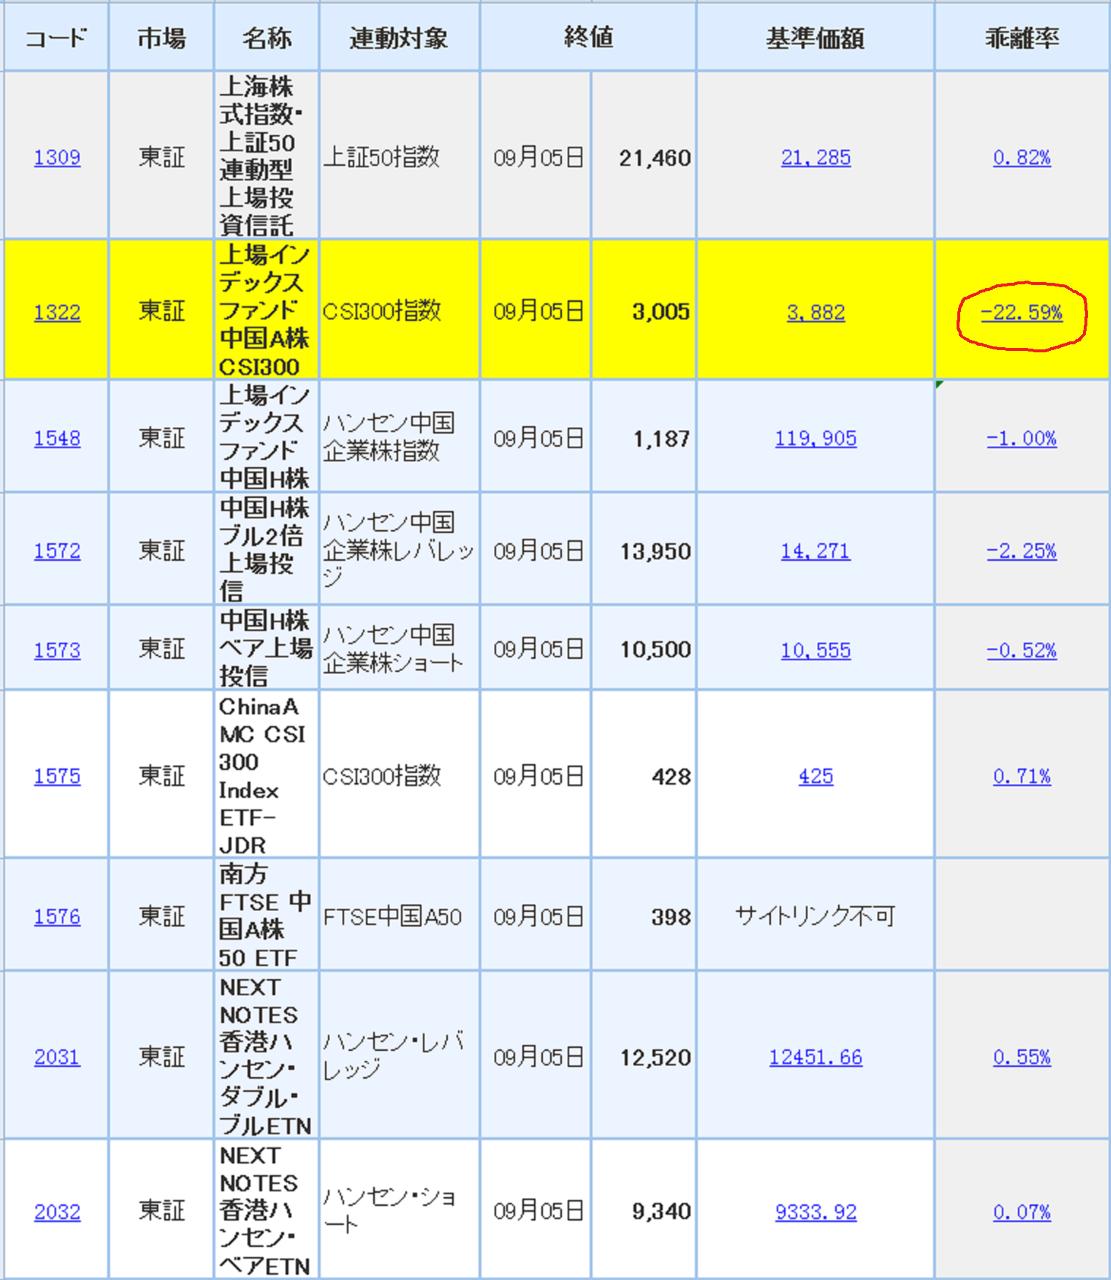 1548 - 上場インデックスファンド中国H株 東証上場のすべての中国(香港も含める)ETFを調べて表にまとめたが、 ご参考ください。